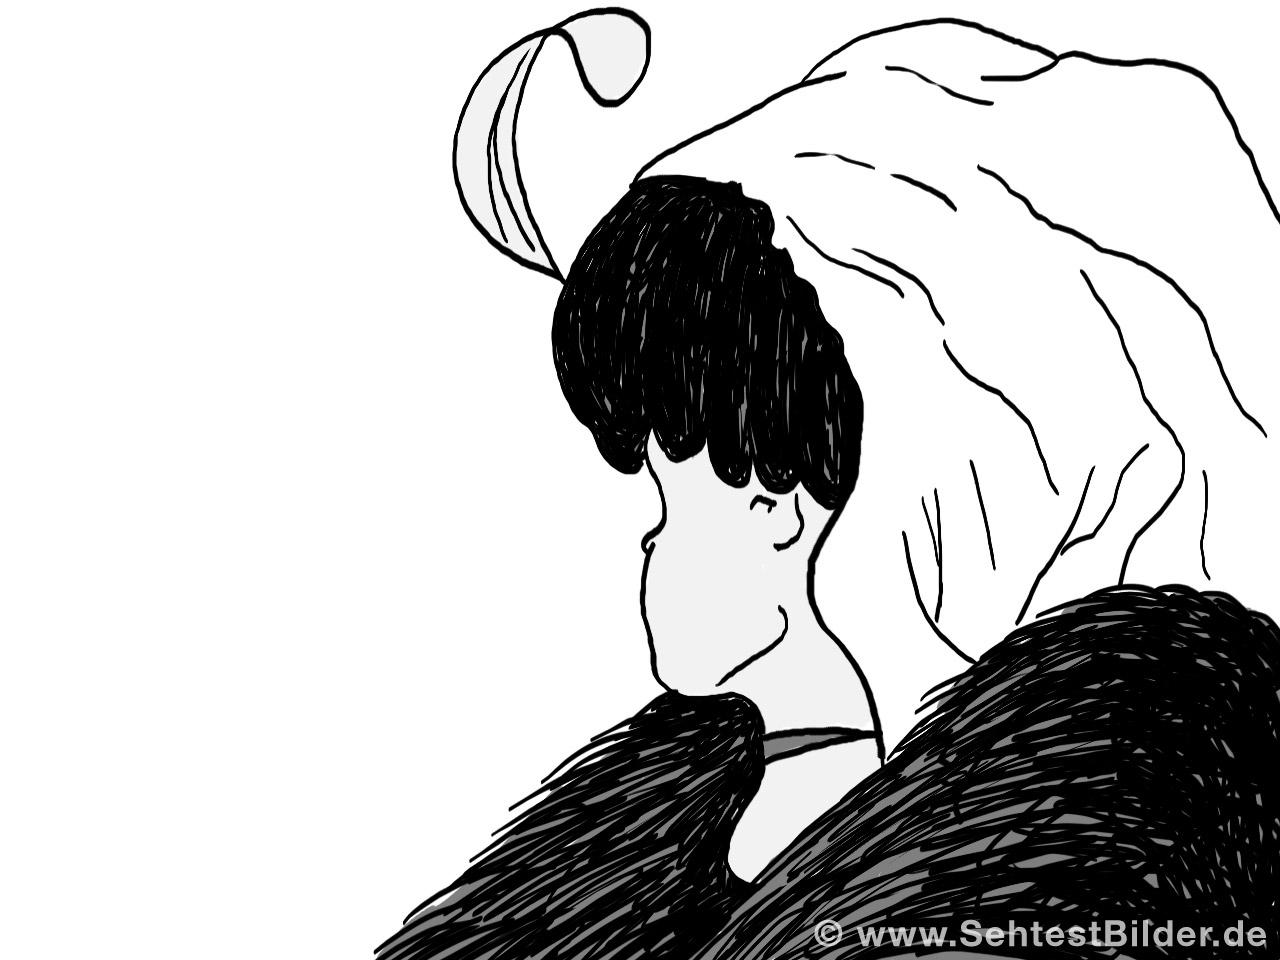 Optische Täuschung: Alte Frau Oder Junge Frau? - Sehtestbilder mit Optische Täuschung Bild